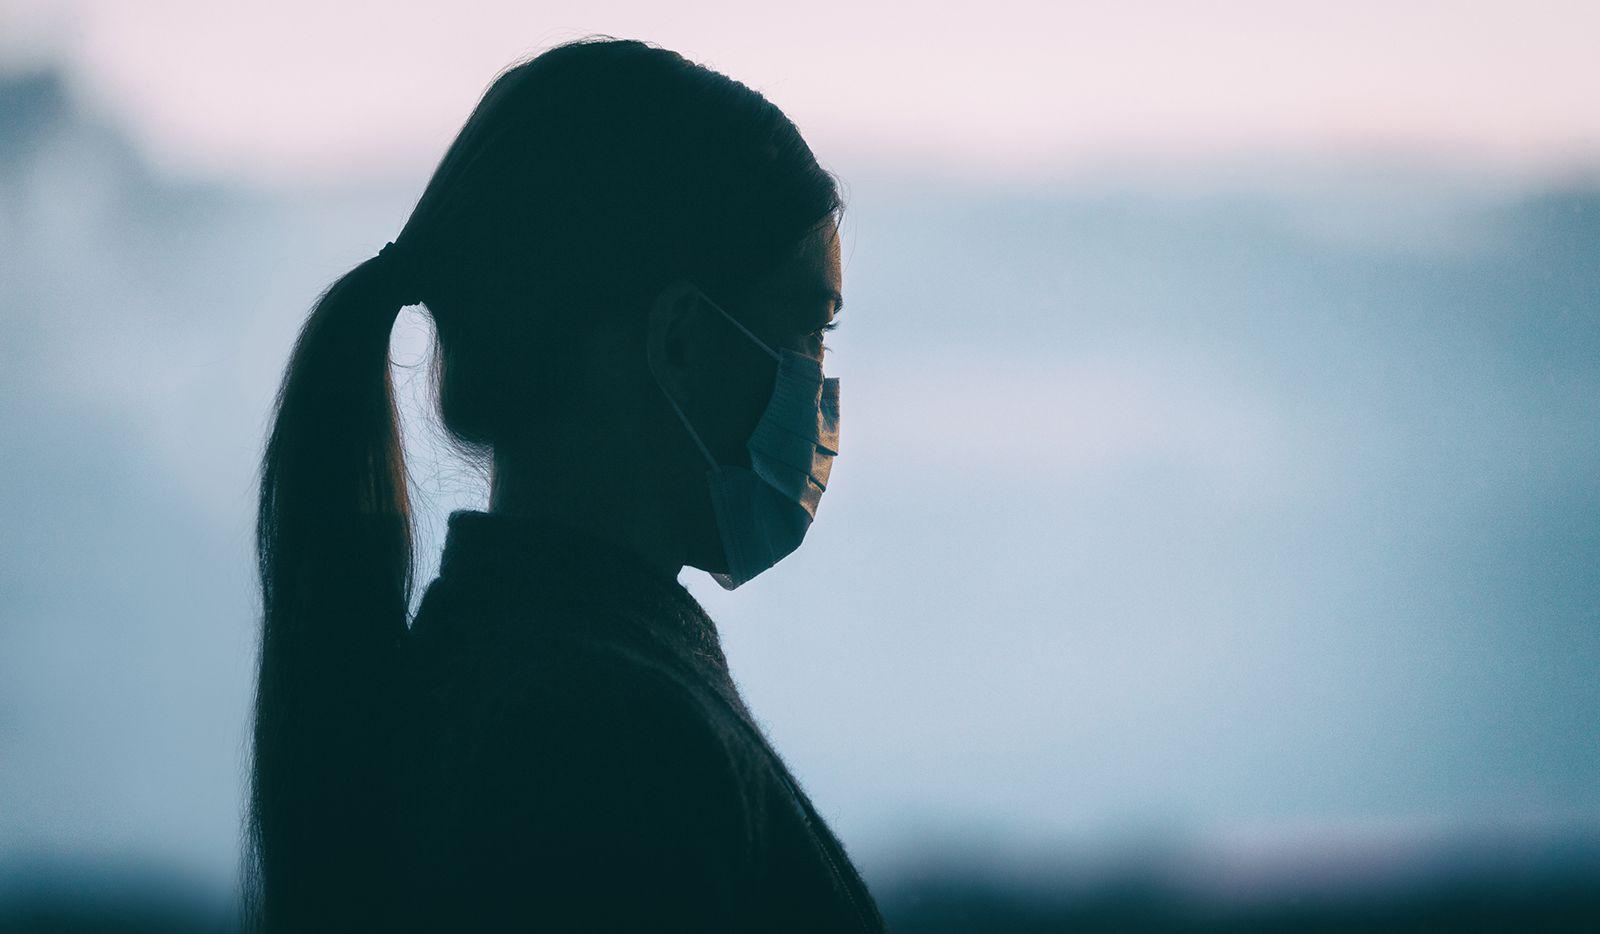 Luego de casi un año de confinamiento debido a la pandemia, los casos de depresión y ansiedad entre niños y jóvenes han aumentado marcadamente.